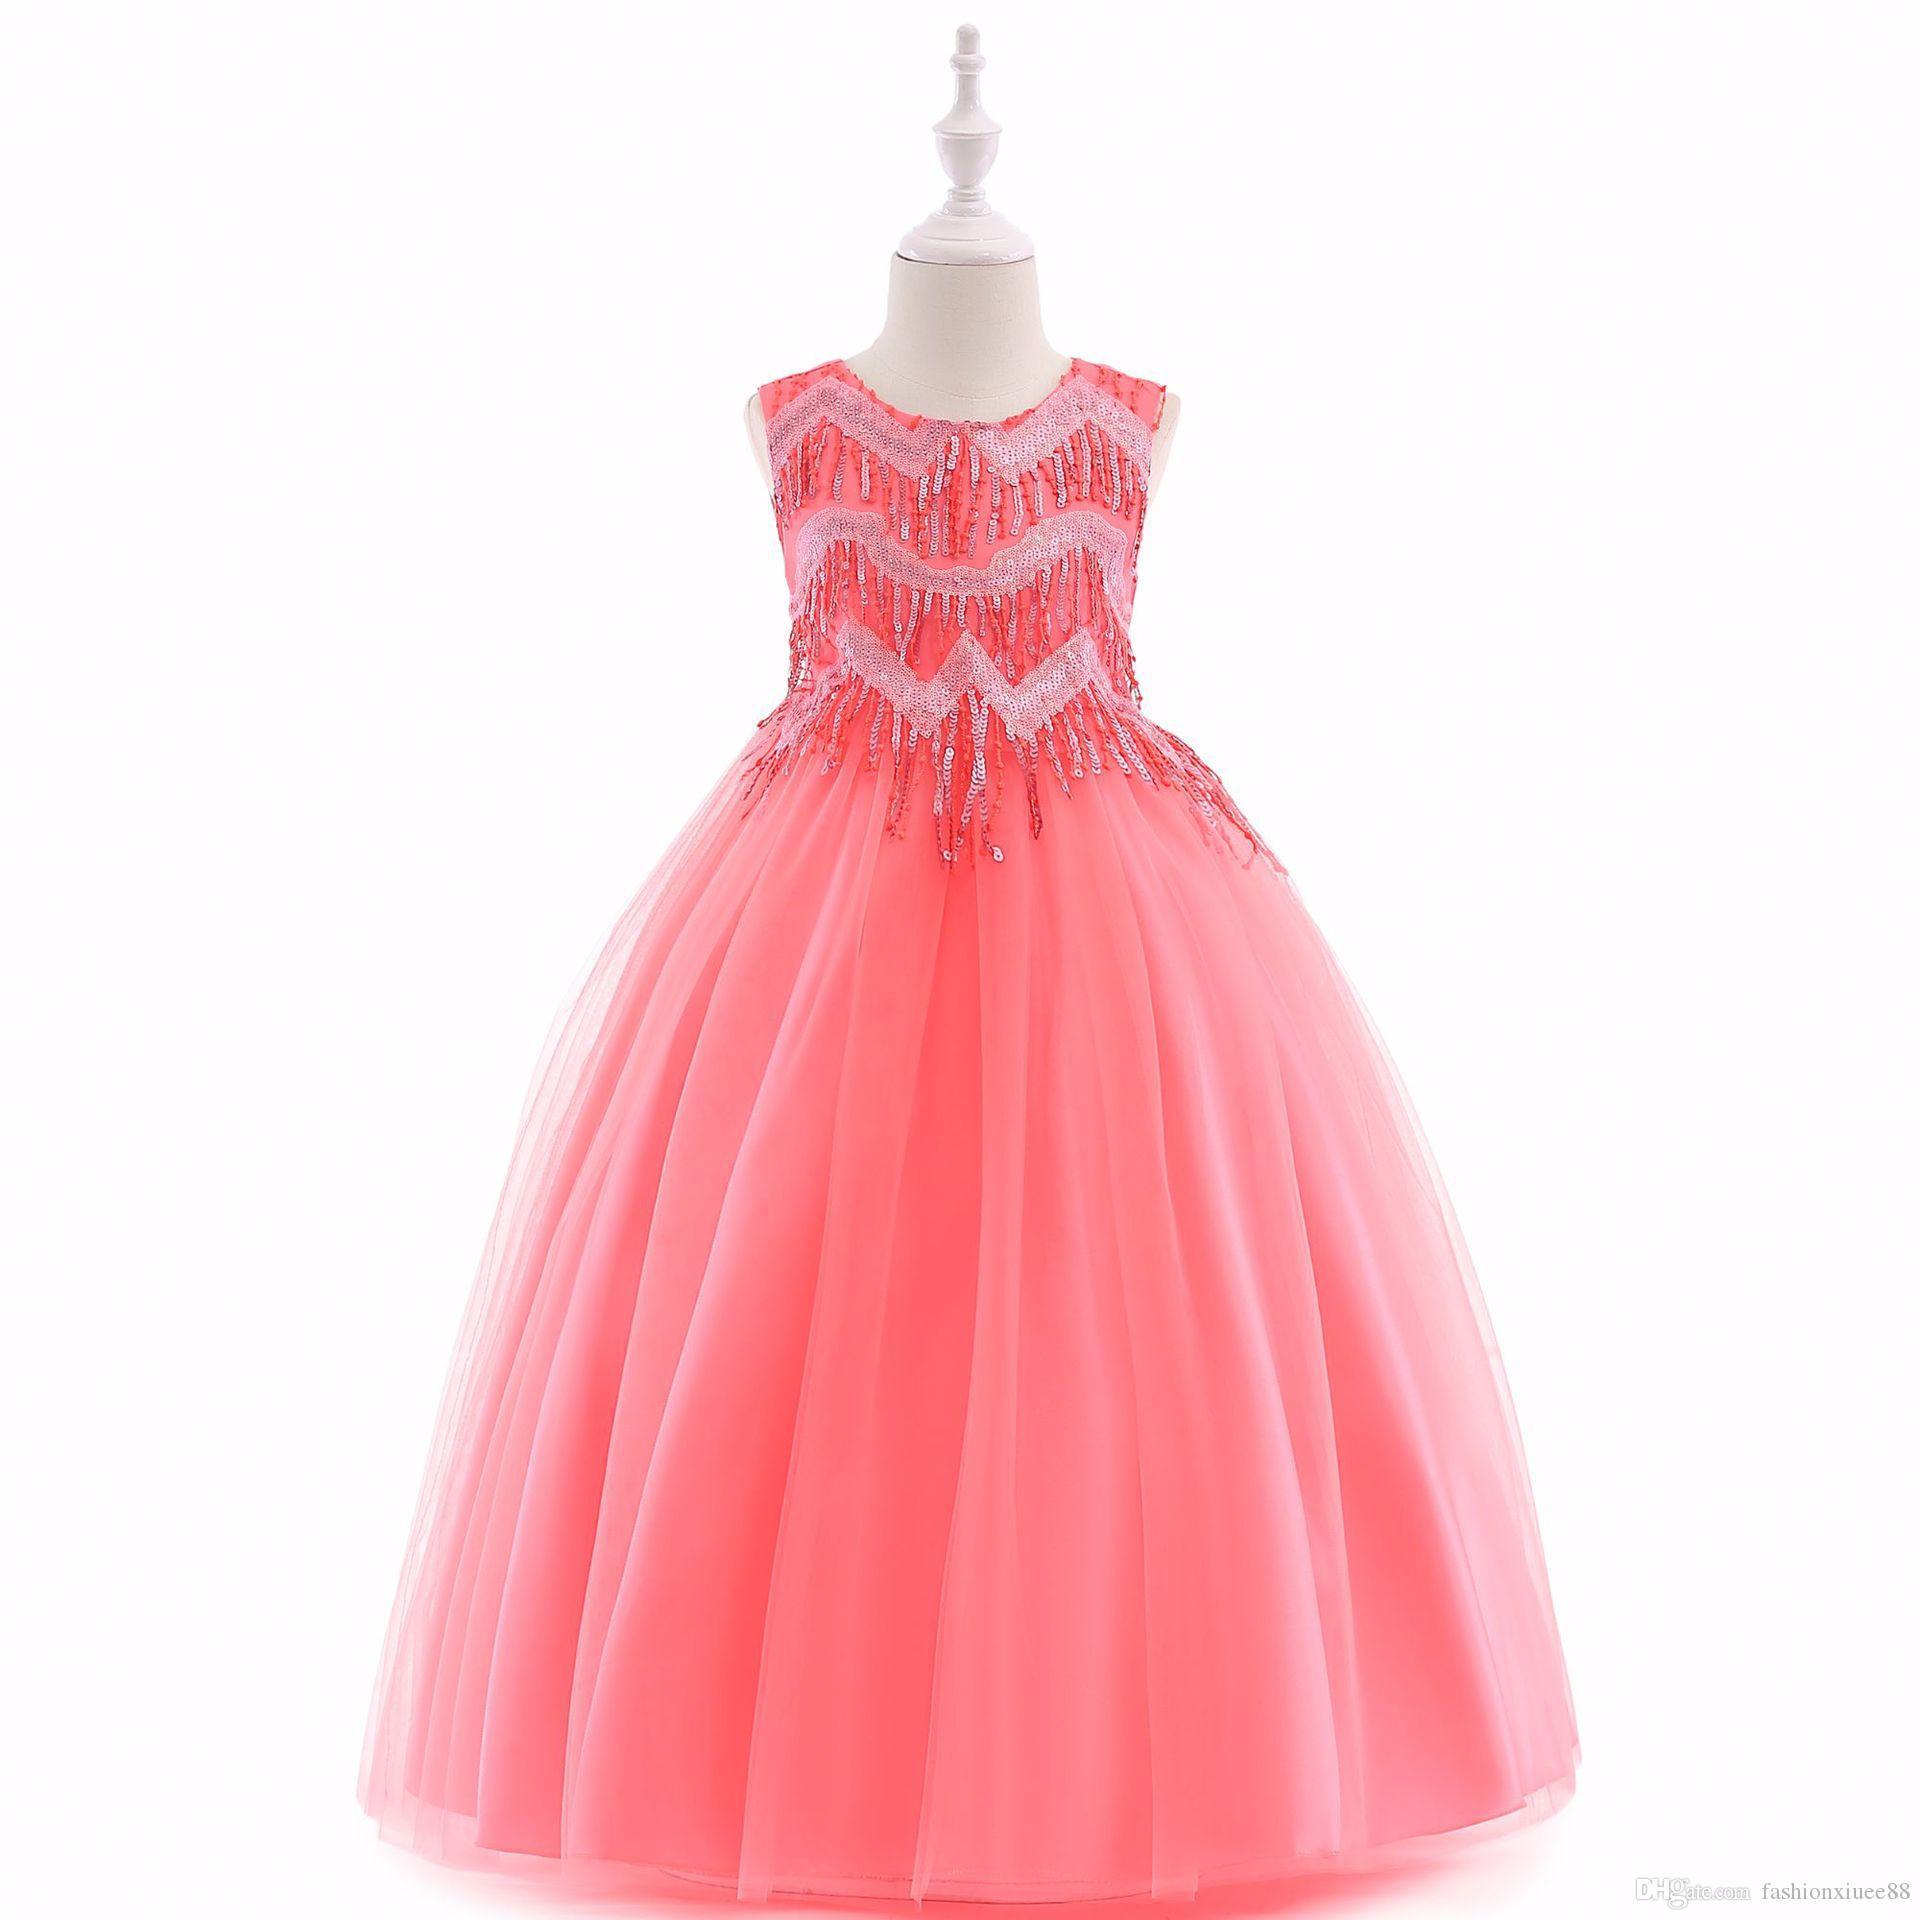 80ae6b6c3c7 2018 Lace Flower Girls Dresses Tulle Lovely Little Kids Skirts Tea Length  Princess Communion Birthday Gowns LP 206 Flower Girl Dresses 18 Months  Flower Girl ...